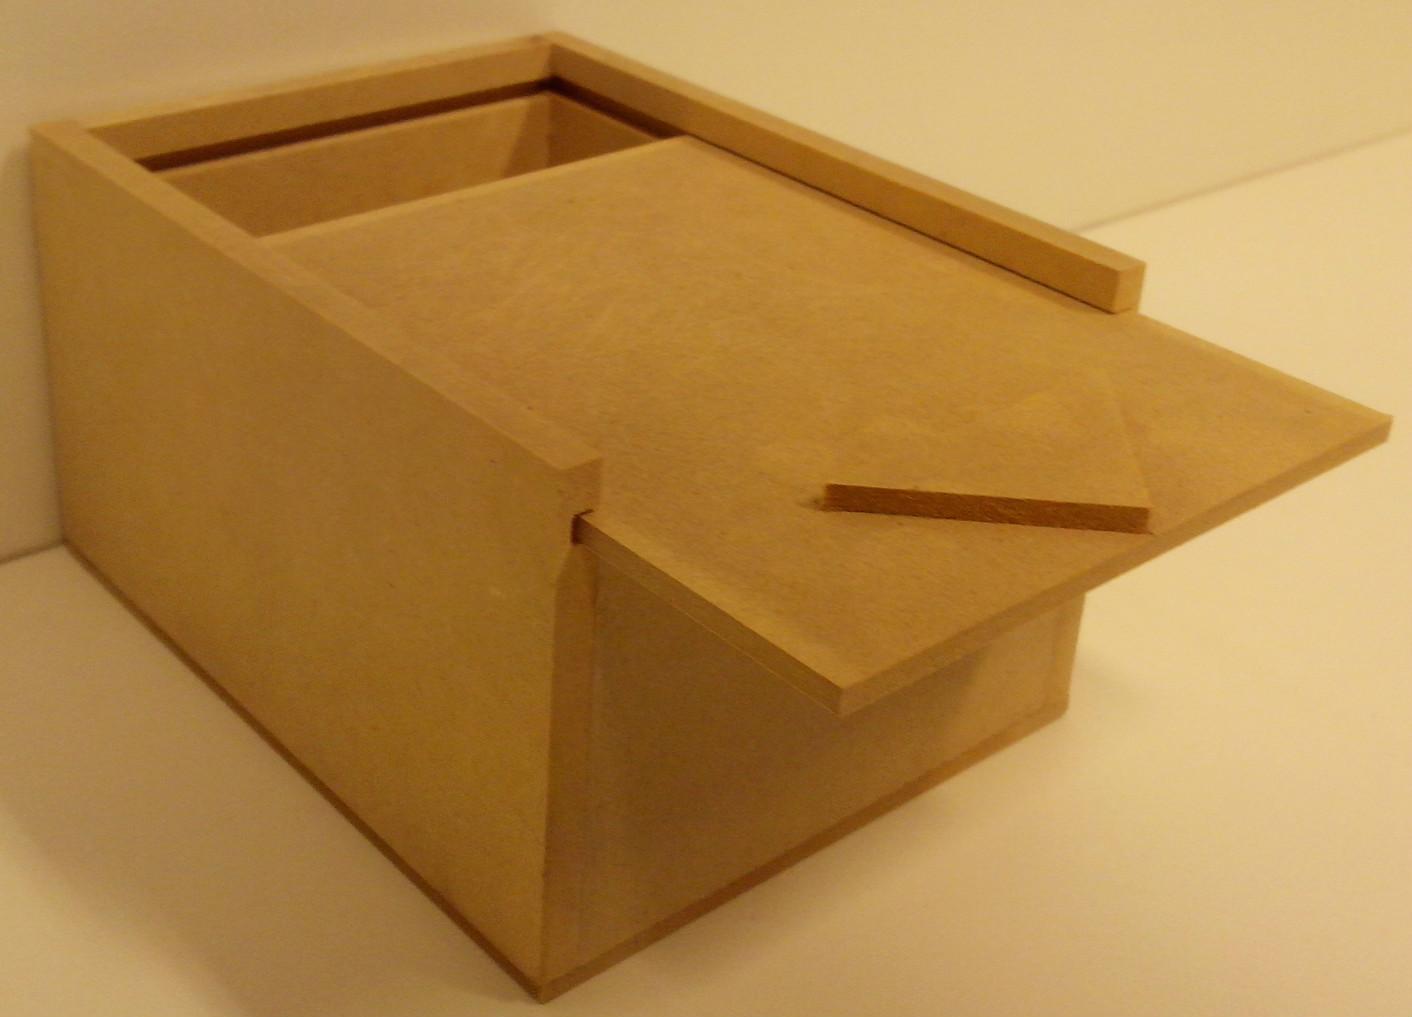 Catalogo de productos de placacentro maderas america en salta for Caja madera con tapa